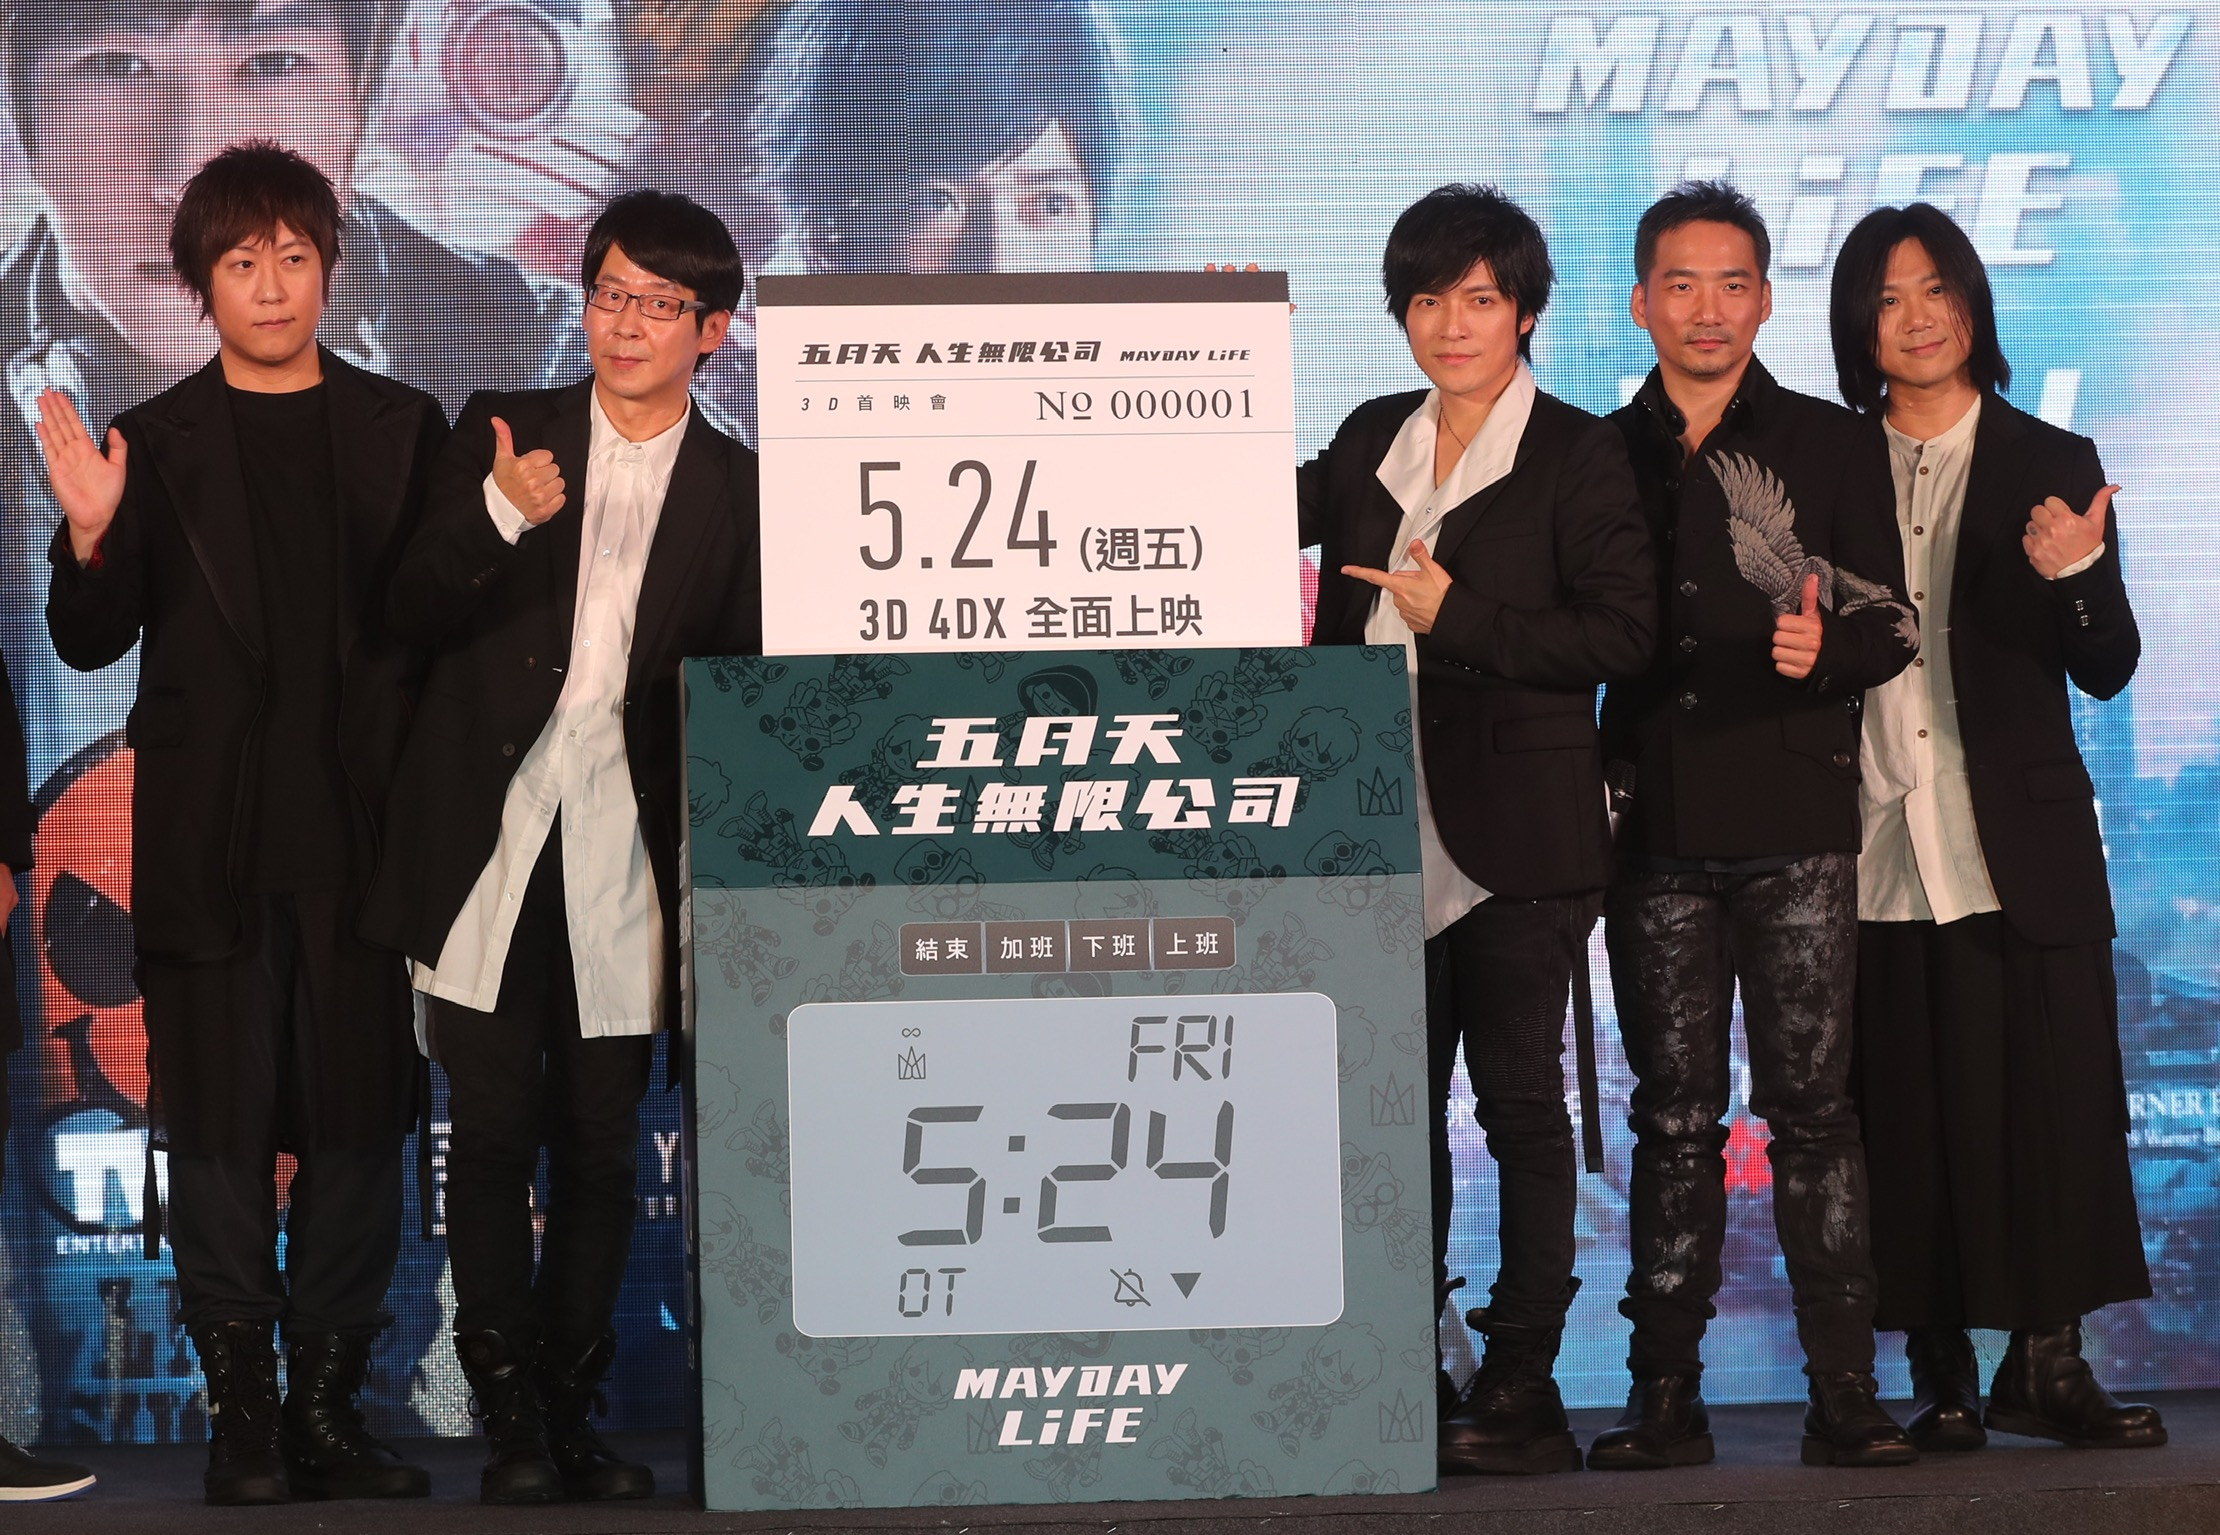 五月天出席電影首映會(2)樂團五月天第3部3D演唱會電影「五月天人生無限公司」將於24日上映,15日傍晚在台北舉行電影首映會,團員阿信(左起)、冠佑、怪獸、石頭、瑪莎一同現身宣傳。中央社記者張皓安攝  108年5月15日